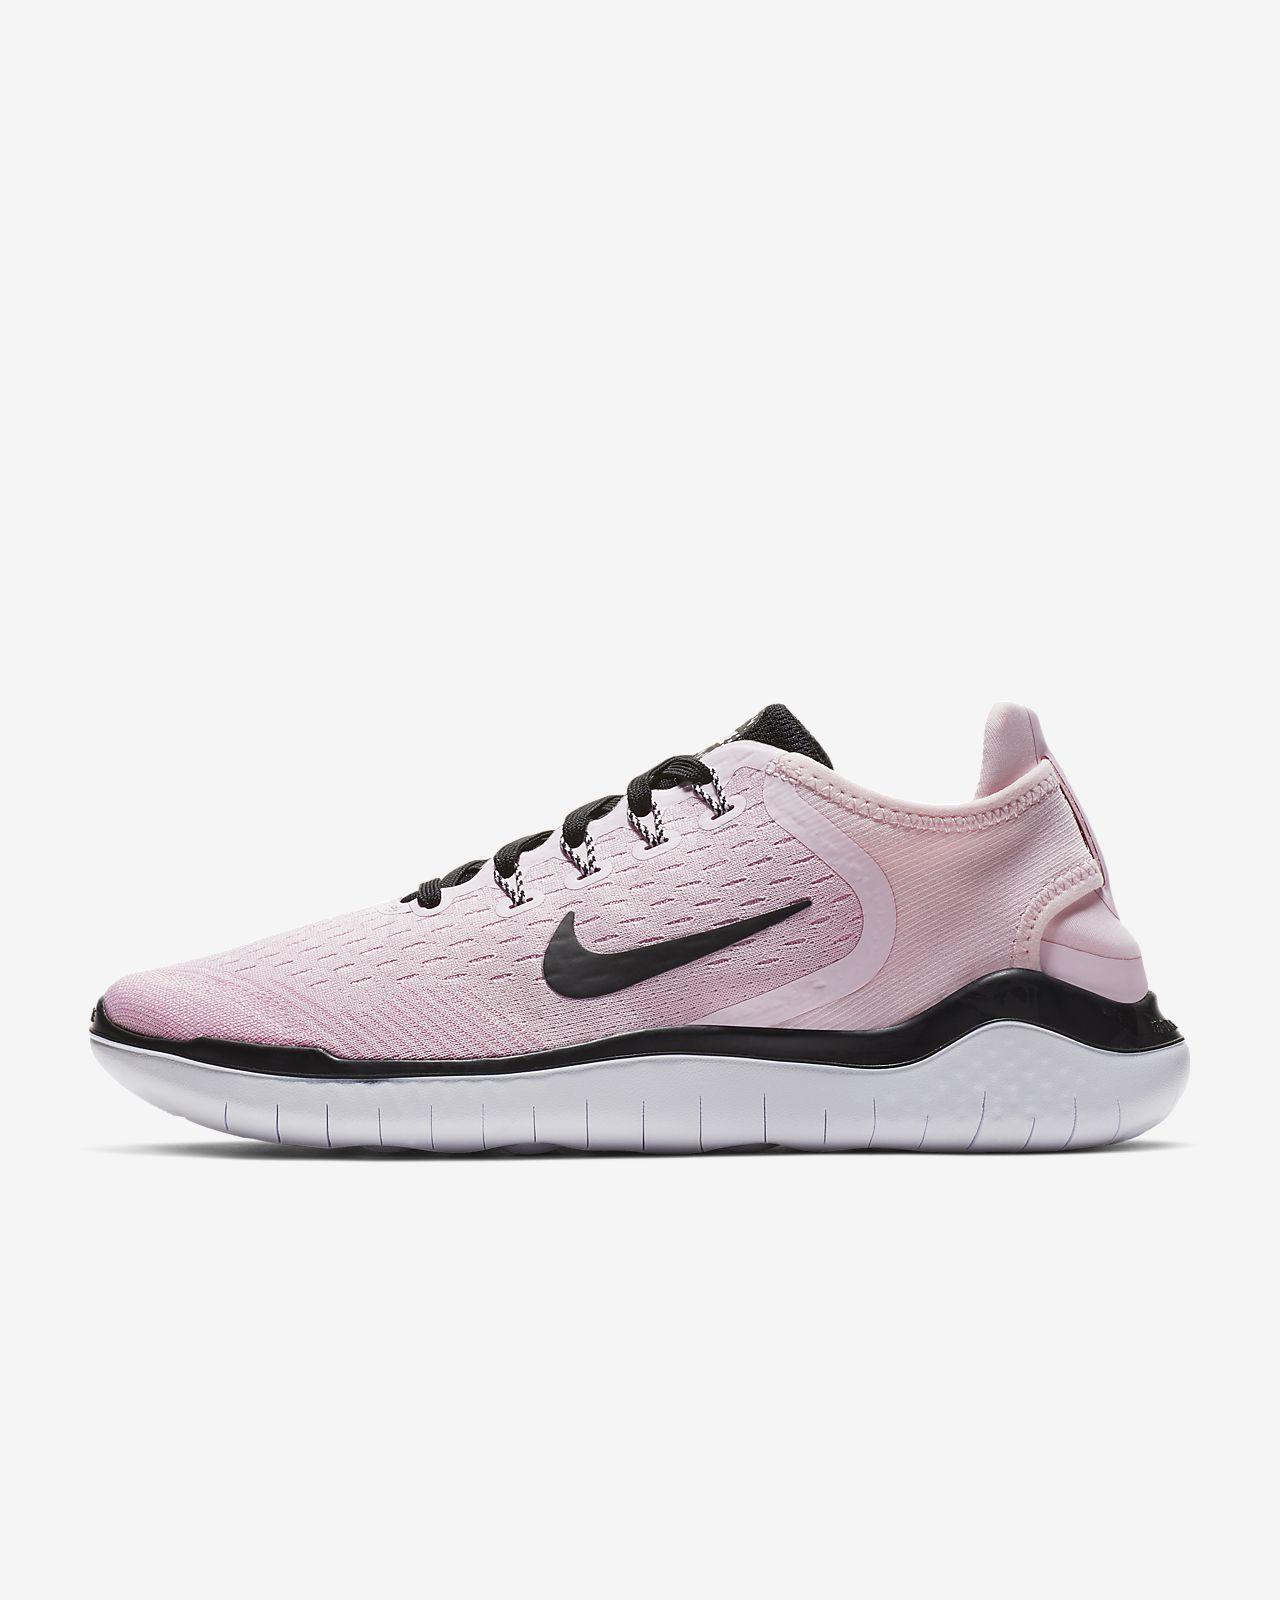 0wnn8m Pour Nike Femmefr De Rn Free Chaussure Running 2018 FluTc31JK